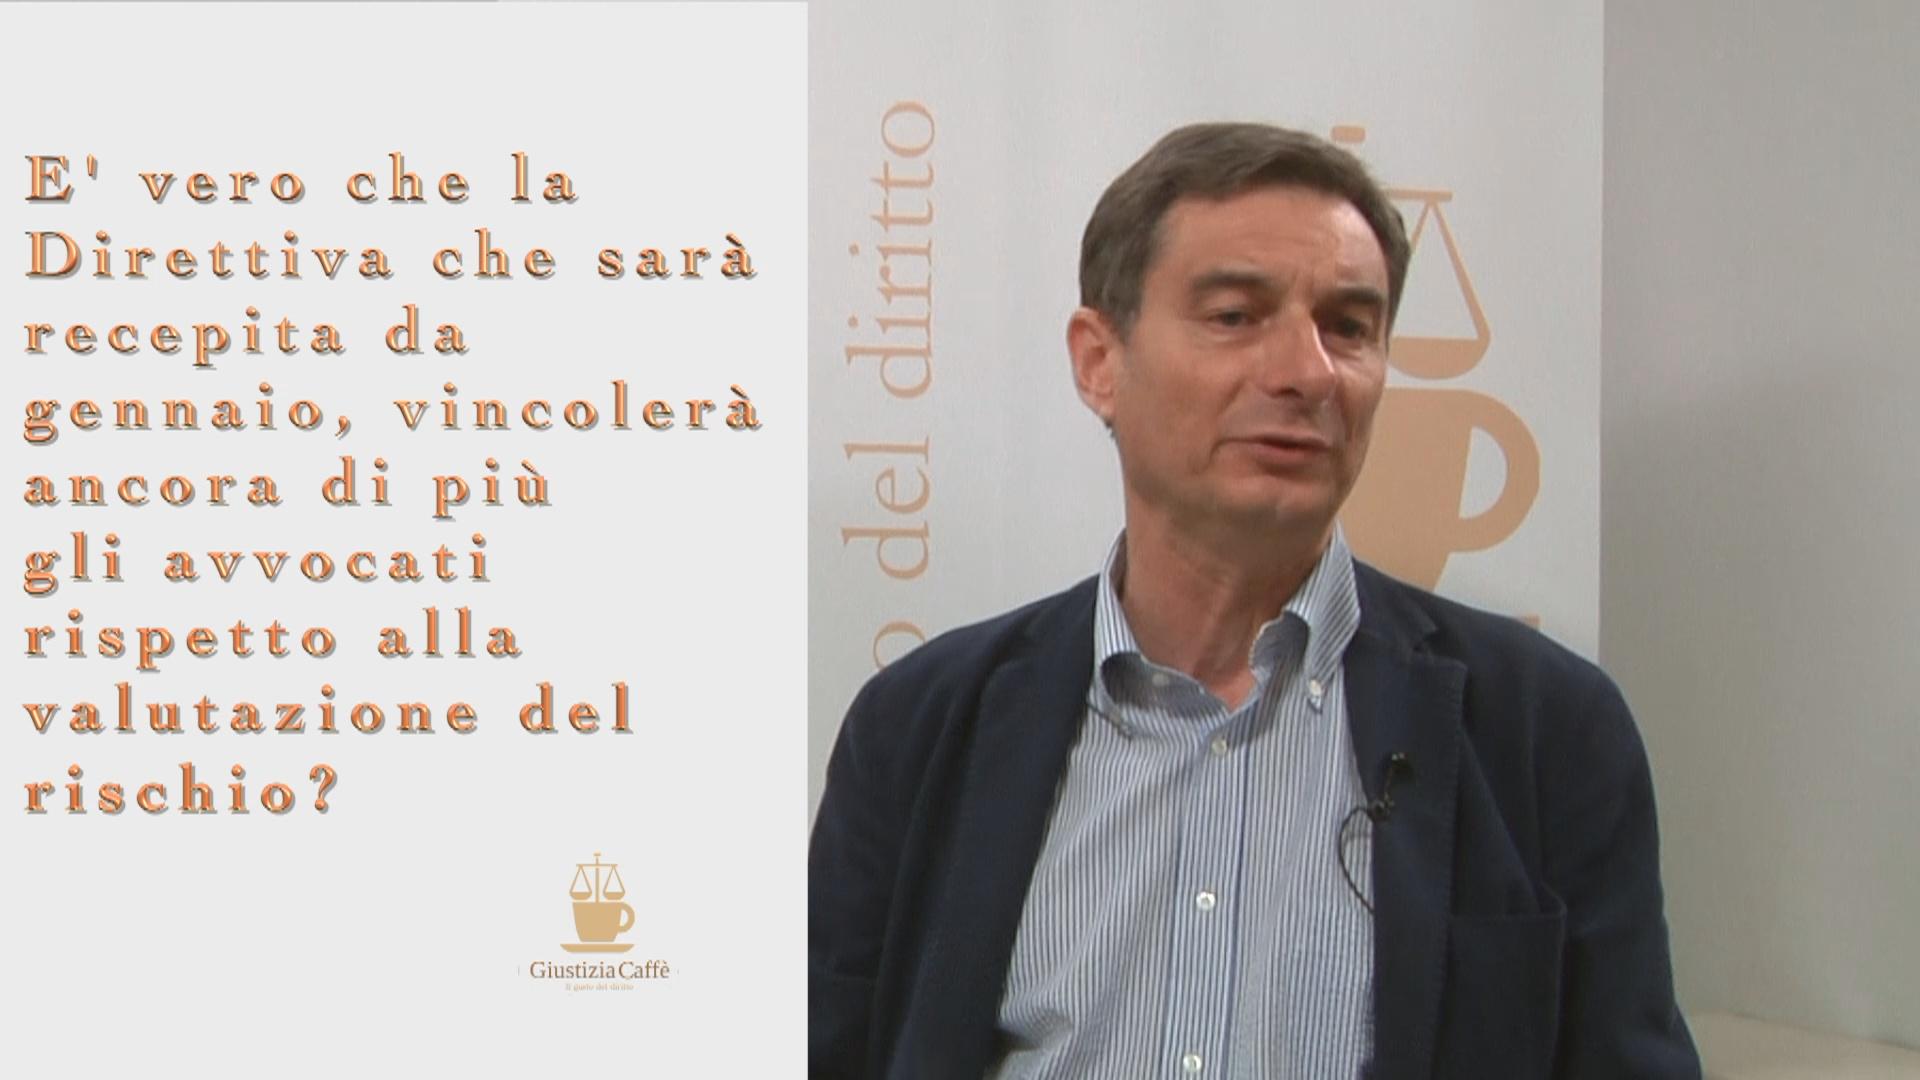 La V Direttiva europea antiriciclaggio. Facciamo il punto con l'Avv. Gianluca Gambogi